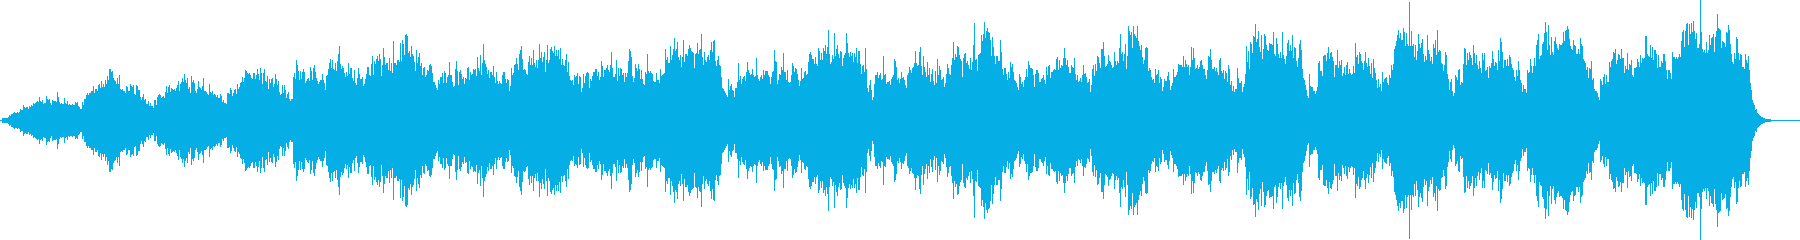 代替案 ポップ エレクトロ 交響曲...の再生済みの波形